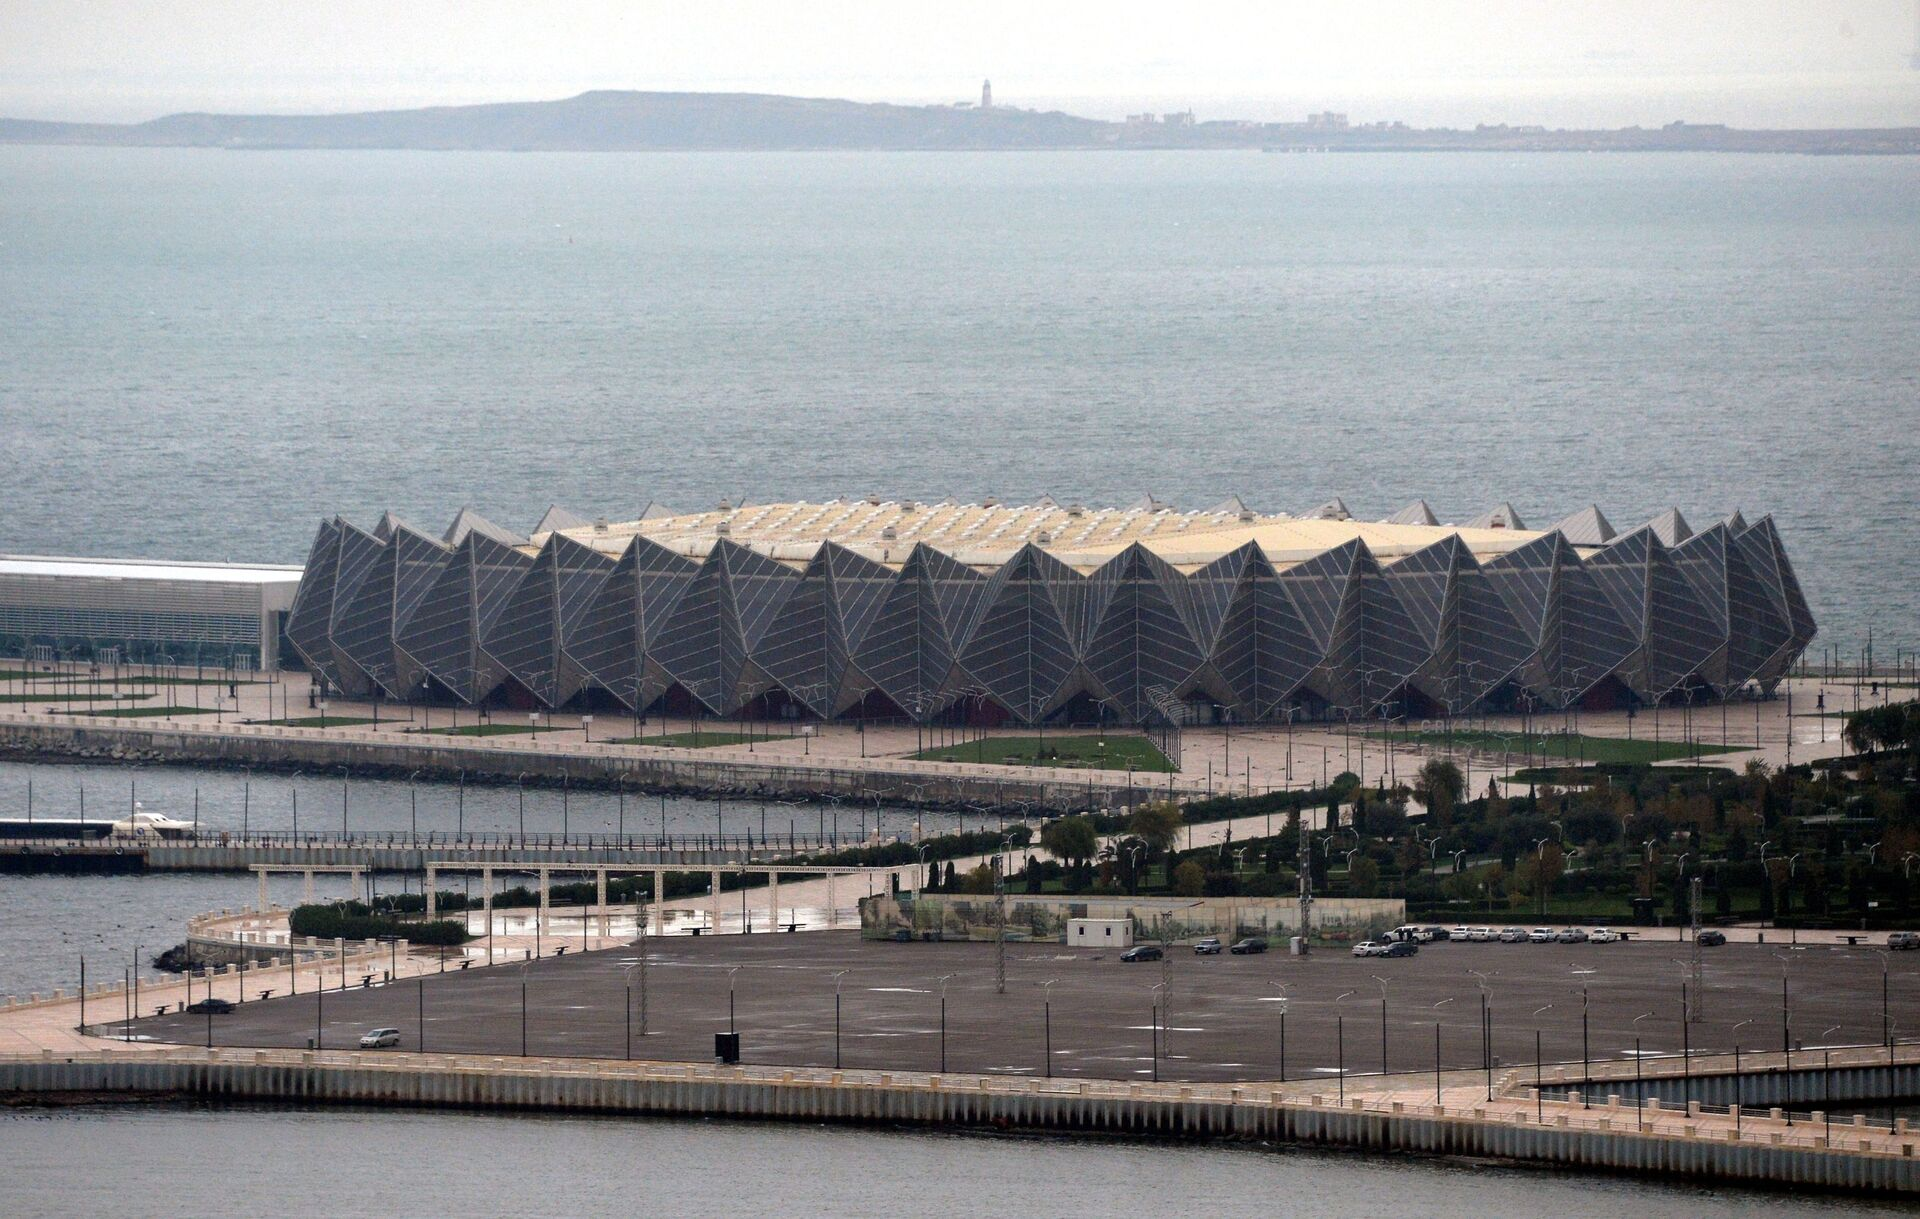 Топ-5 современных архитектурных проектов, изменивших облик Баку - Sputnik Азербайджан, 1920, 27.06.2021